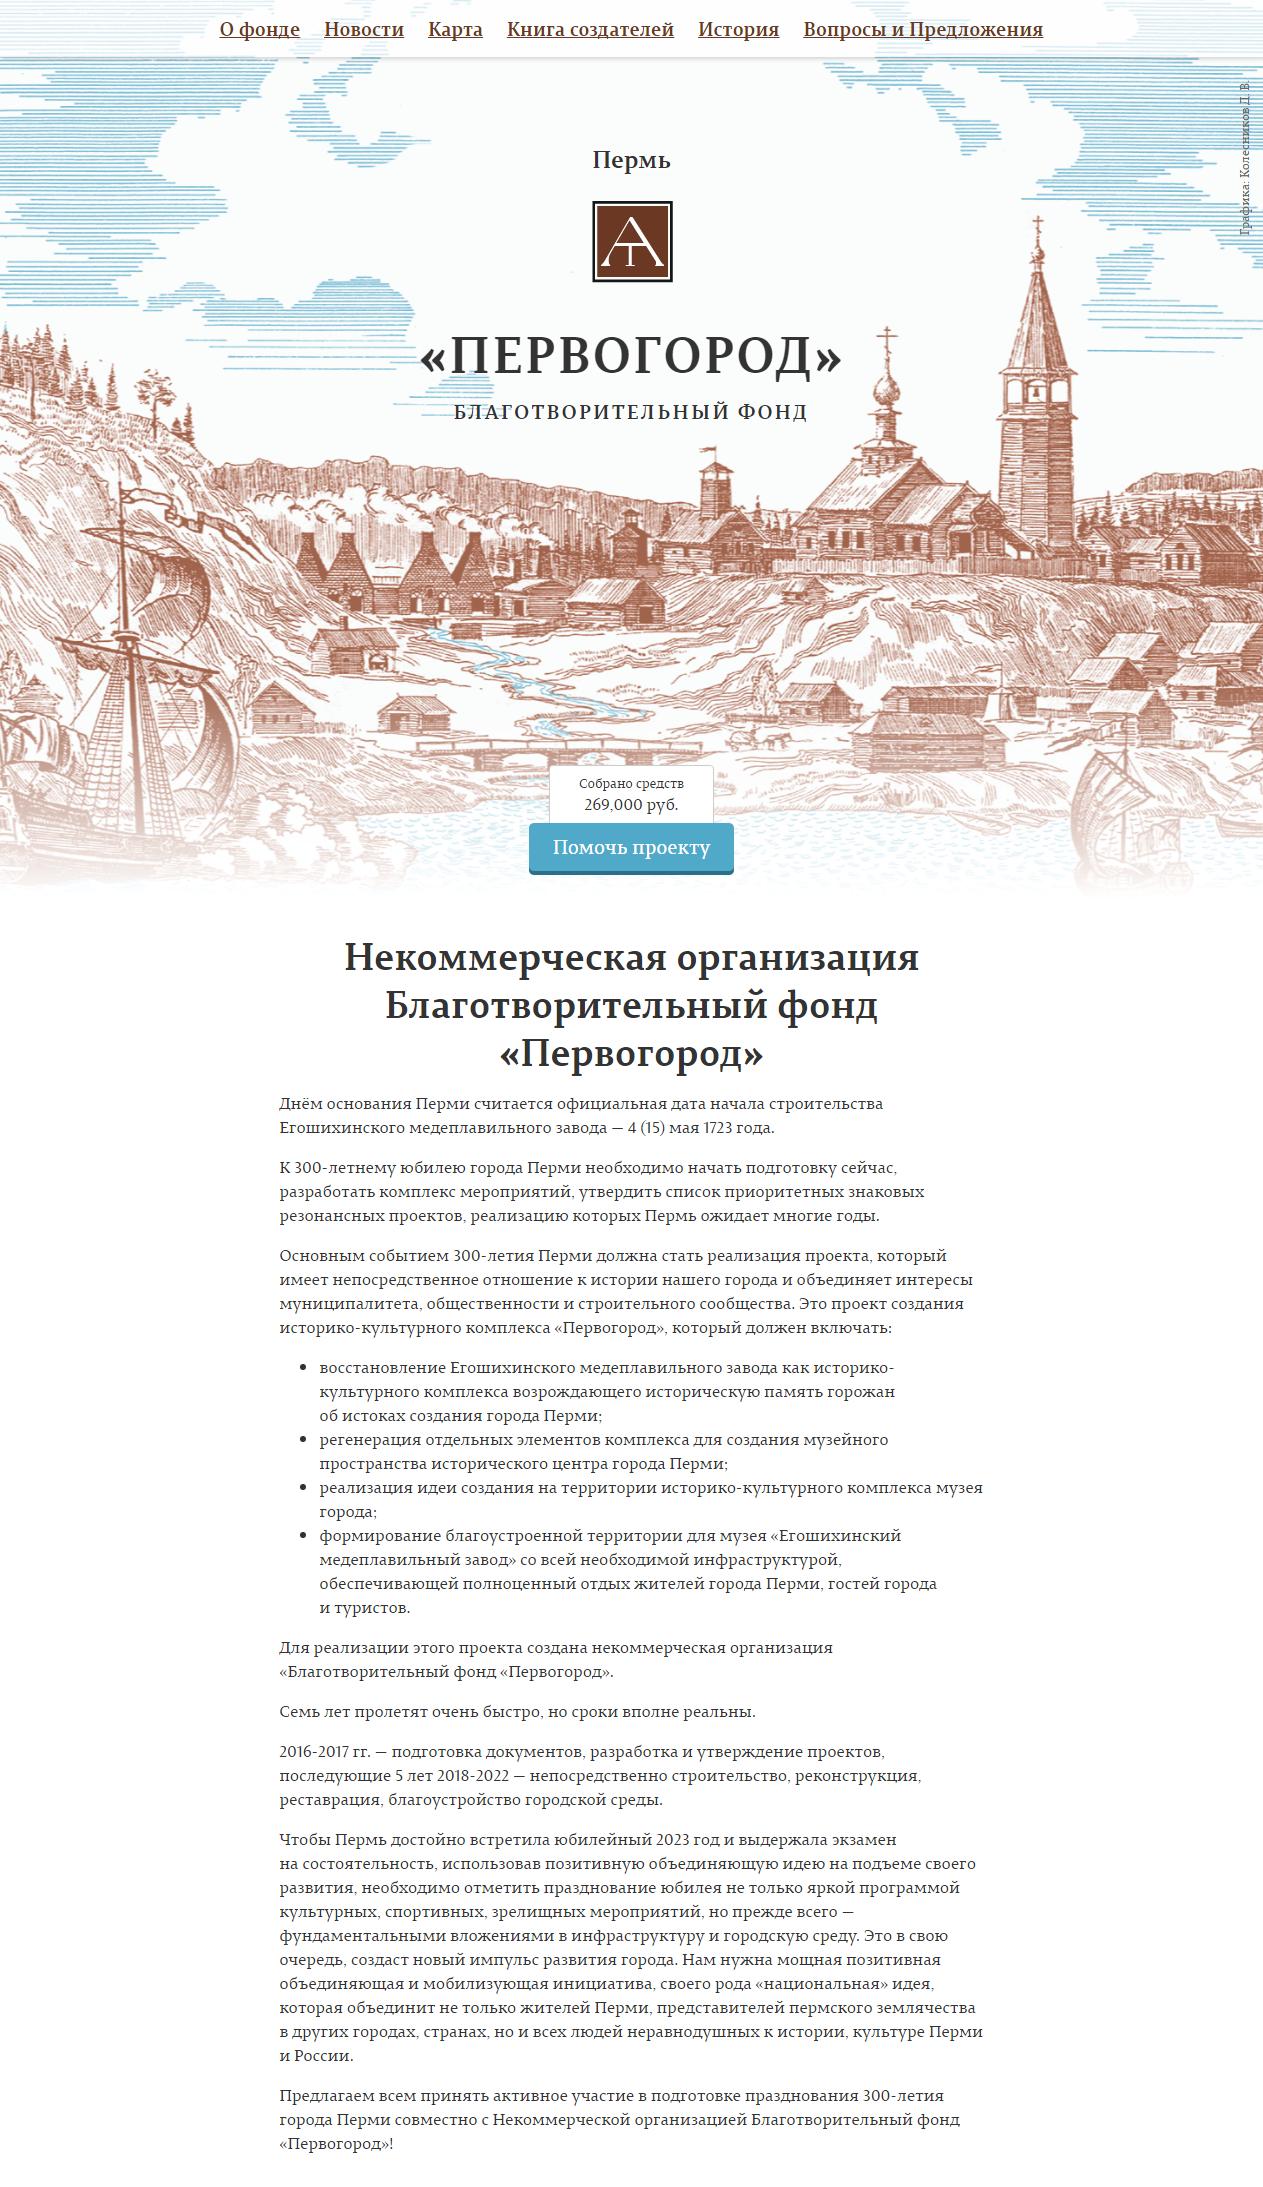 Создание сайта фонда «Первогород»